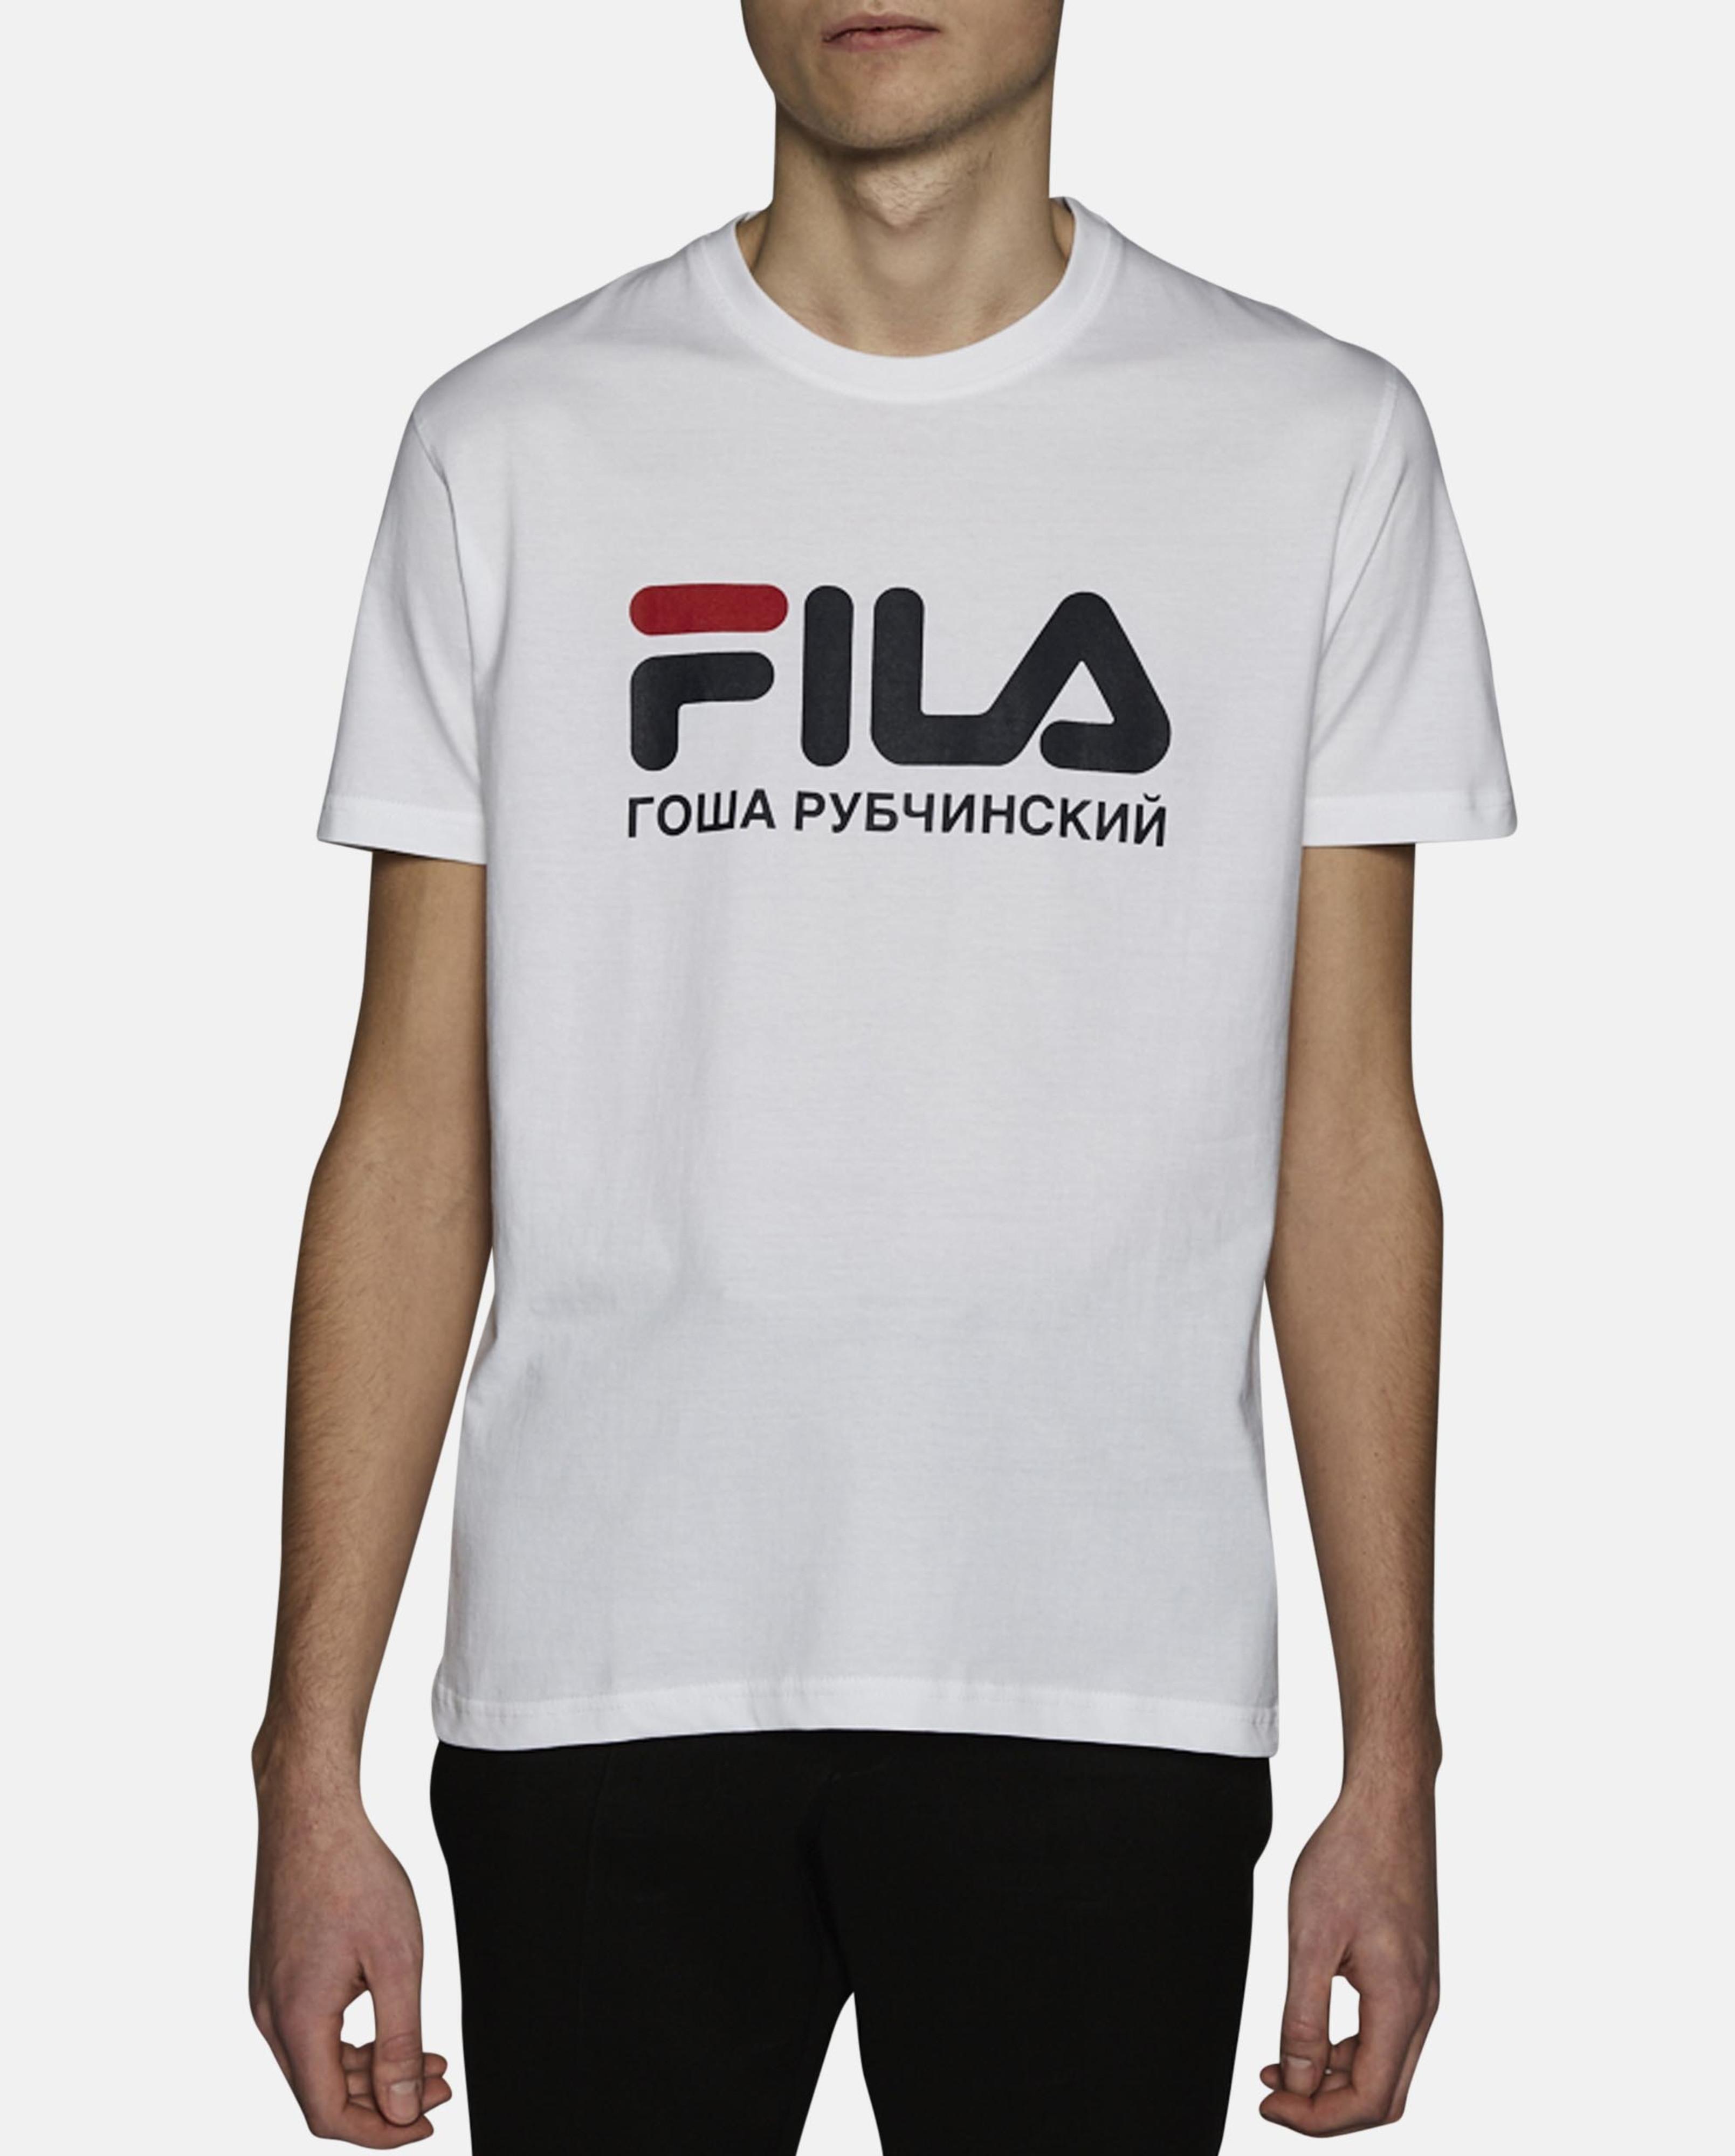 fila gosha t shirt